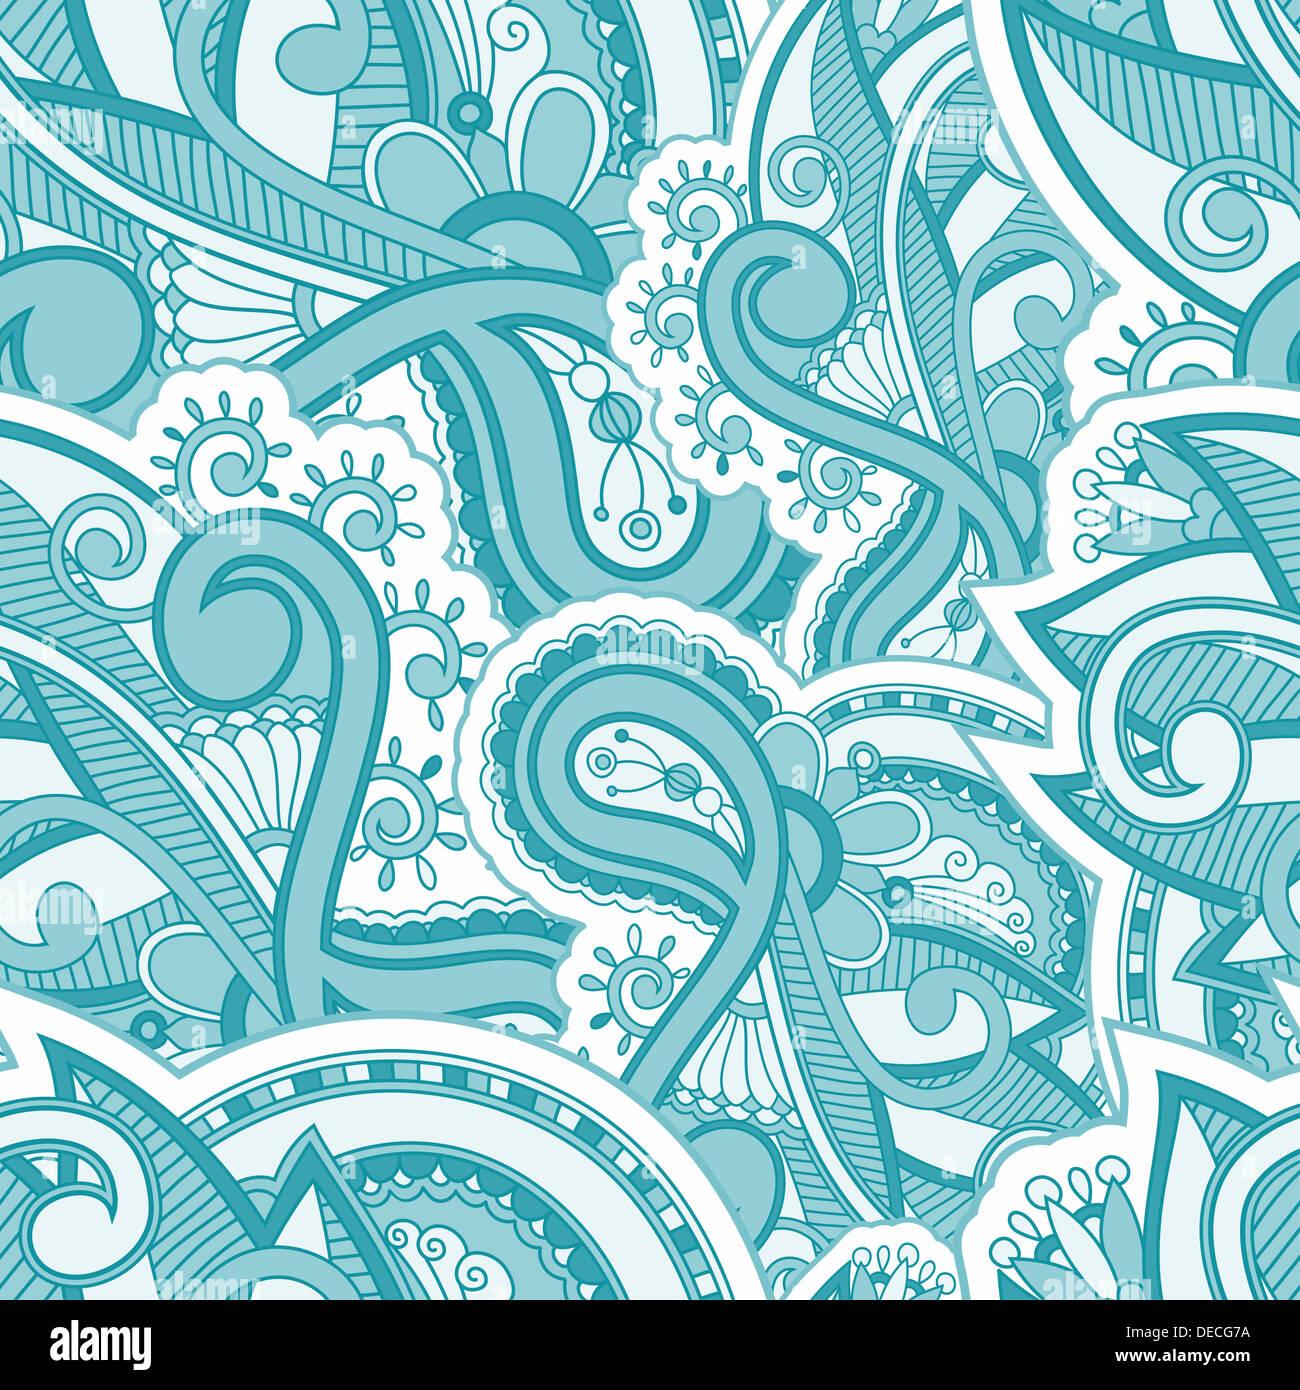 Seamles floreale disegno vettoriale Immagini Stock